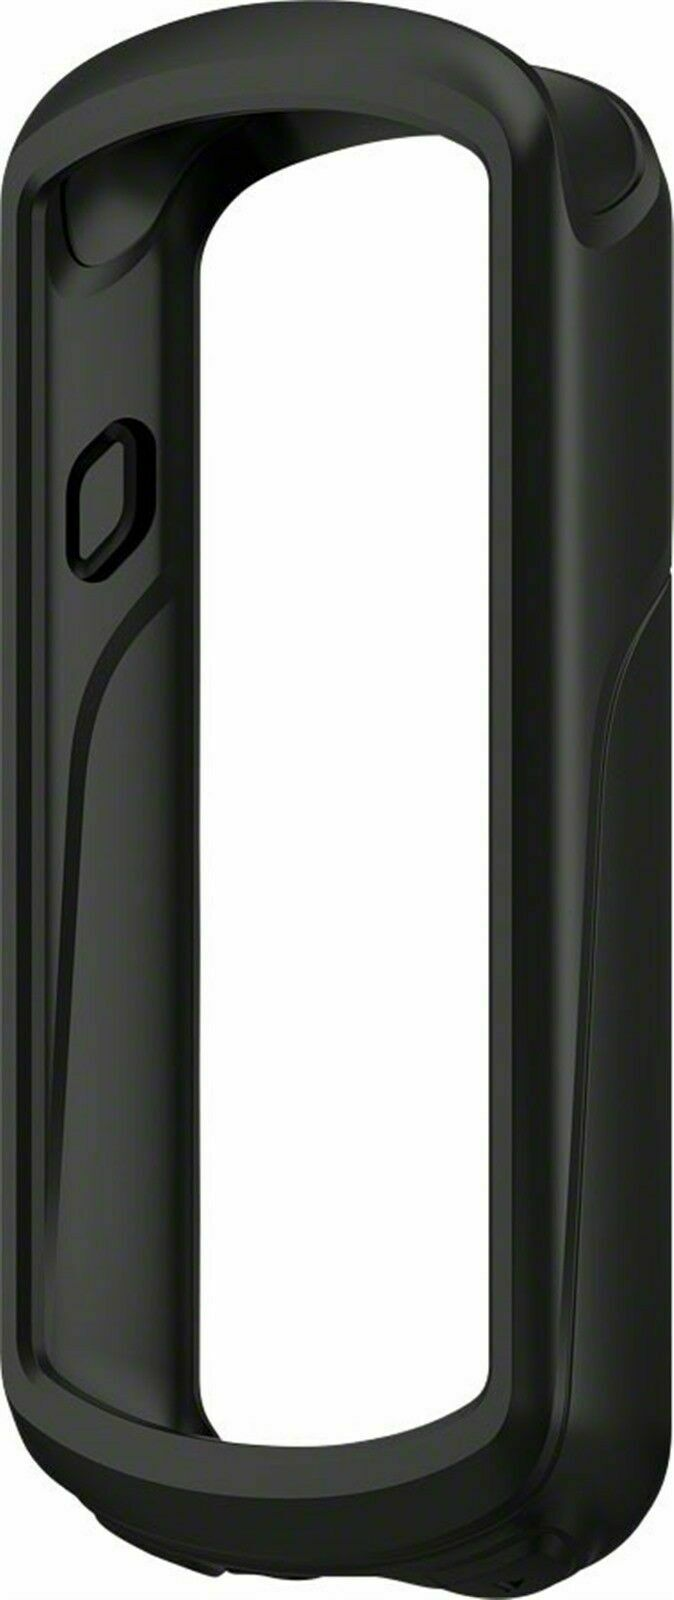 Silicone Bike Computer Case Cover for Garmin Edge 1030 Plus//Edge 1030 Prote